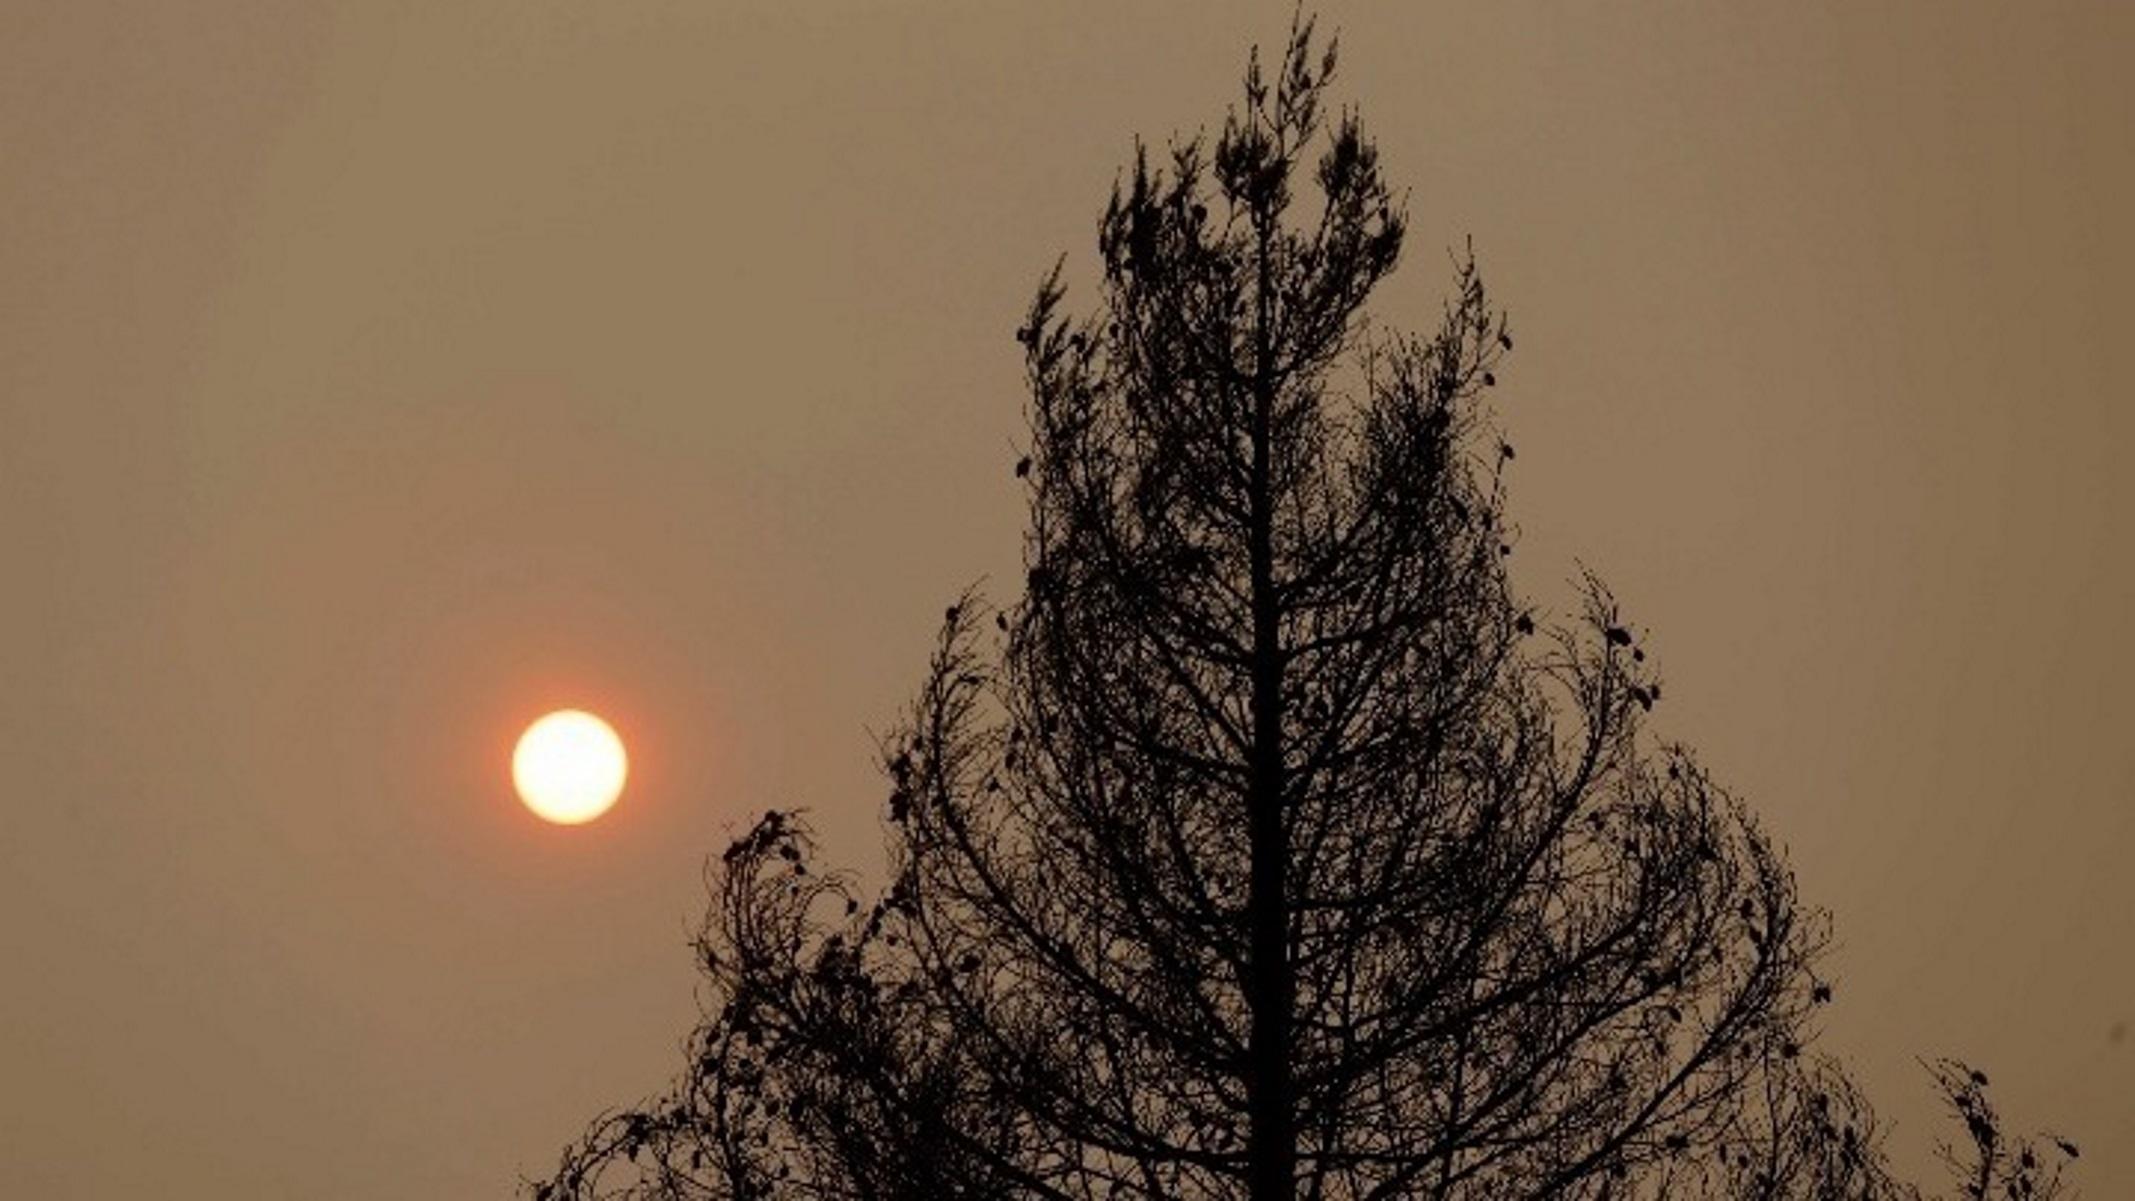 Φωτιά στην Κομοτηνή: Πάνω από 100 στρέμματα δάσους έγιναν στάχτη